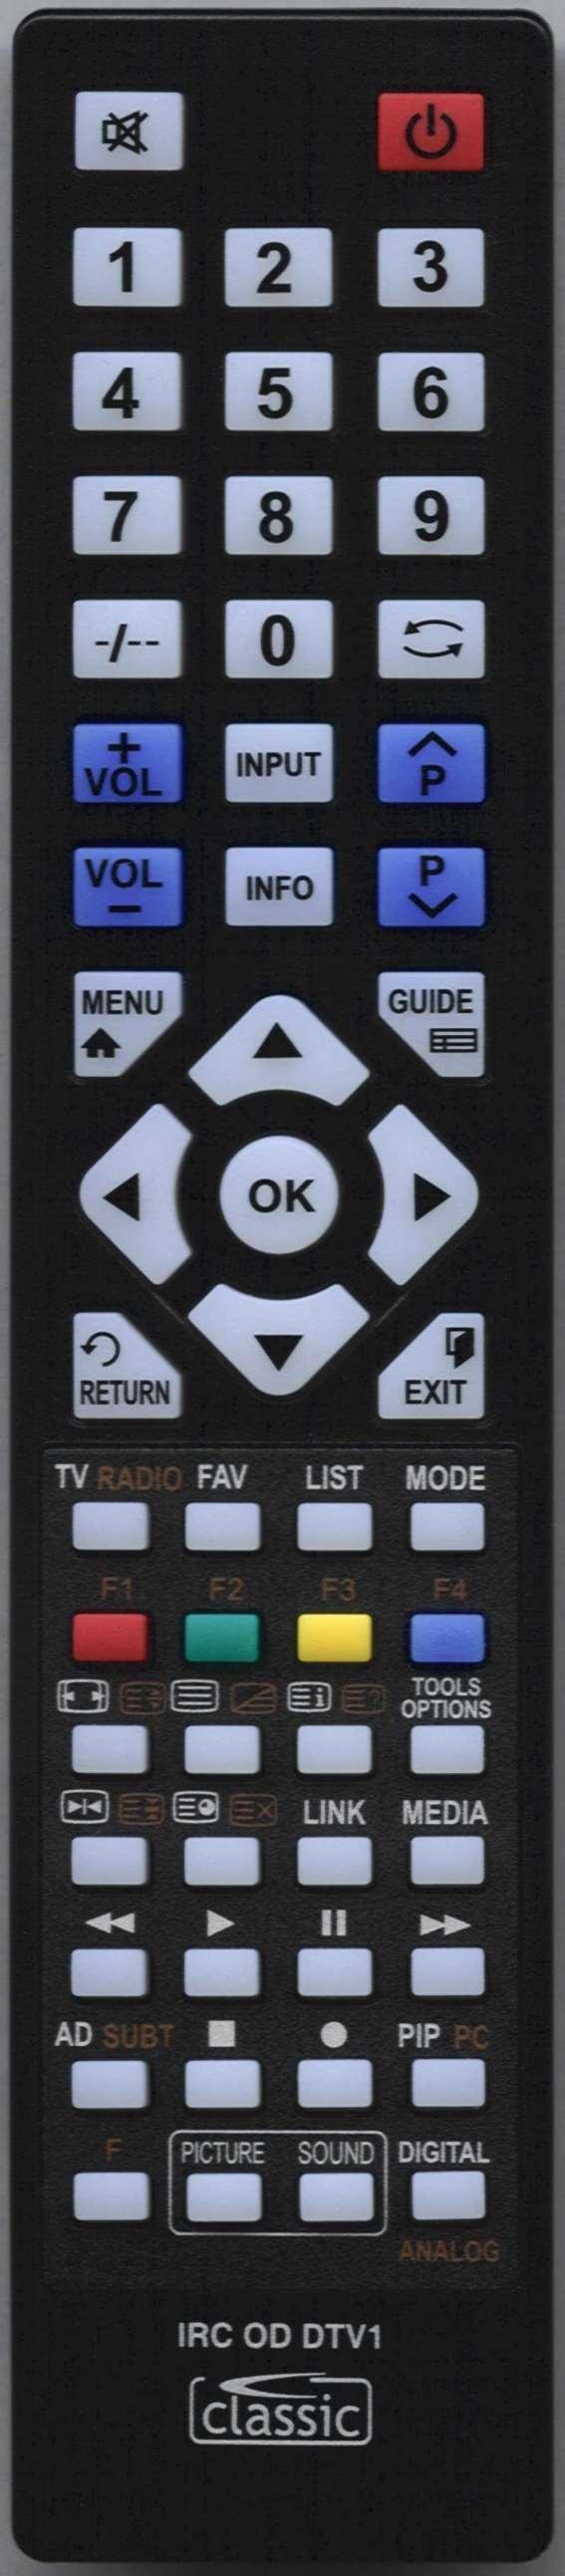 BLAUPUNKT B43G134T2 Remote Control